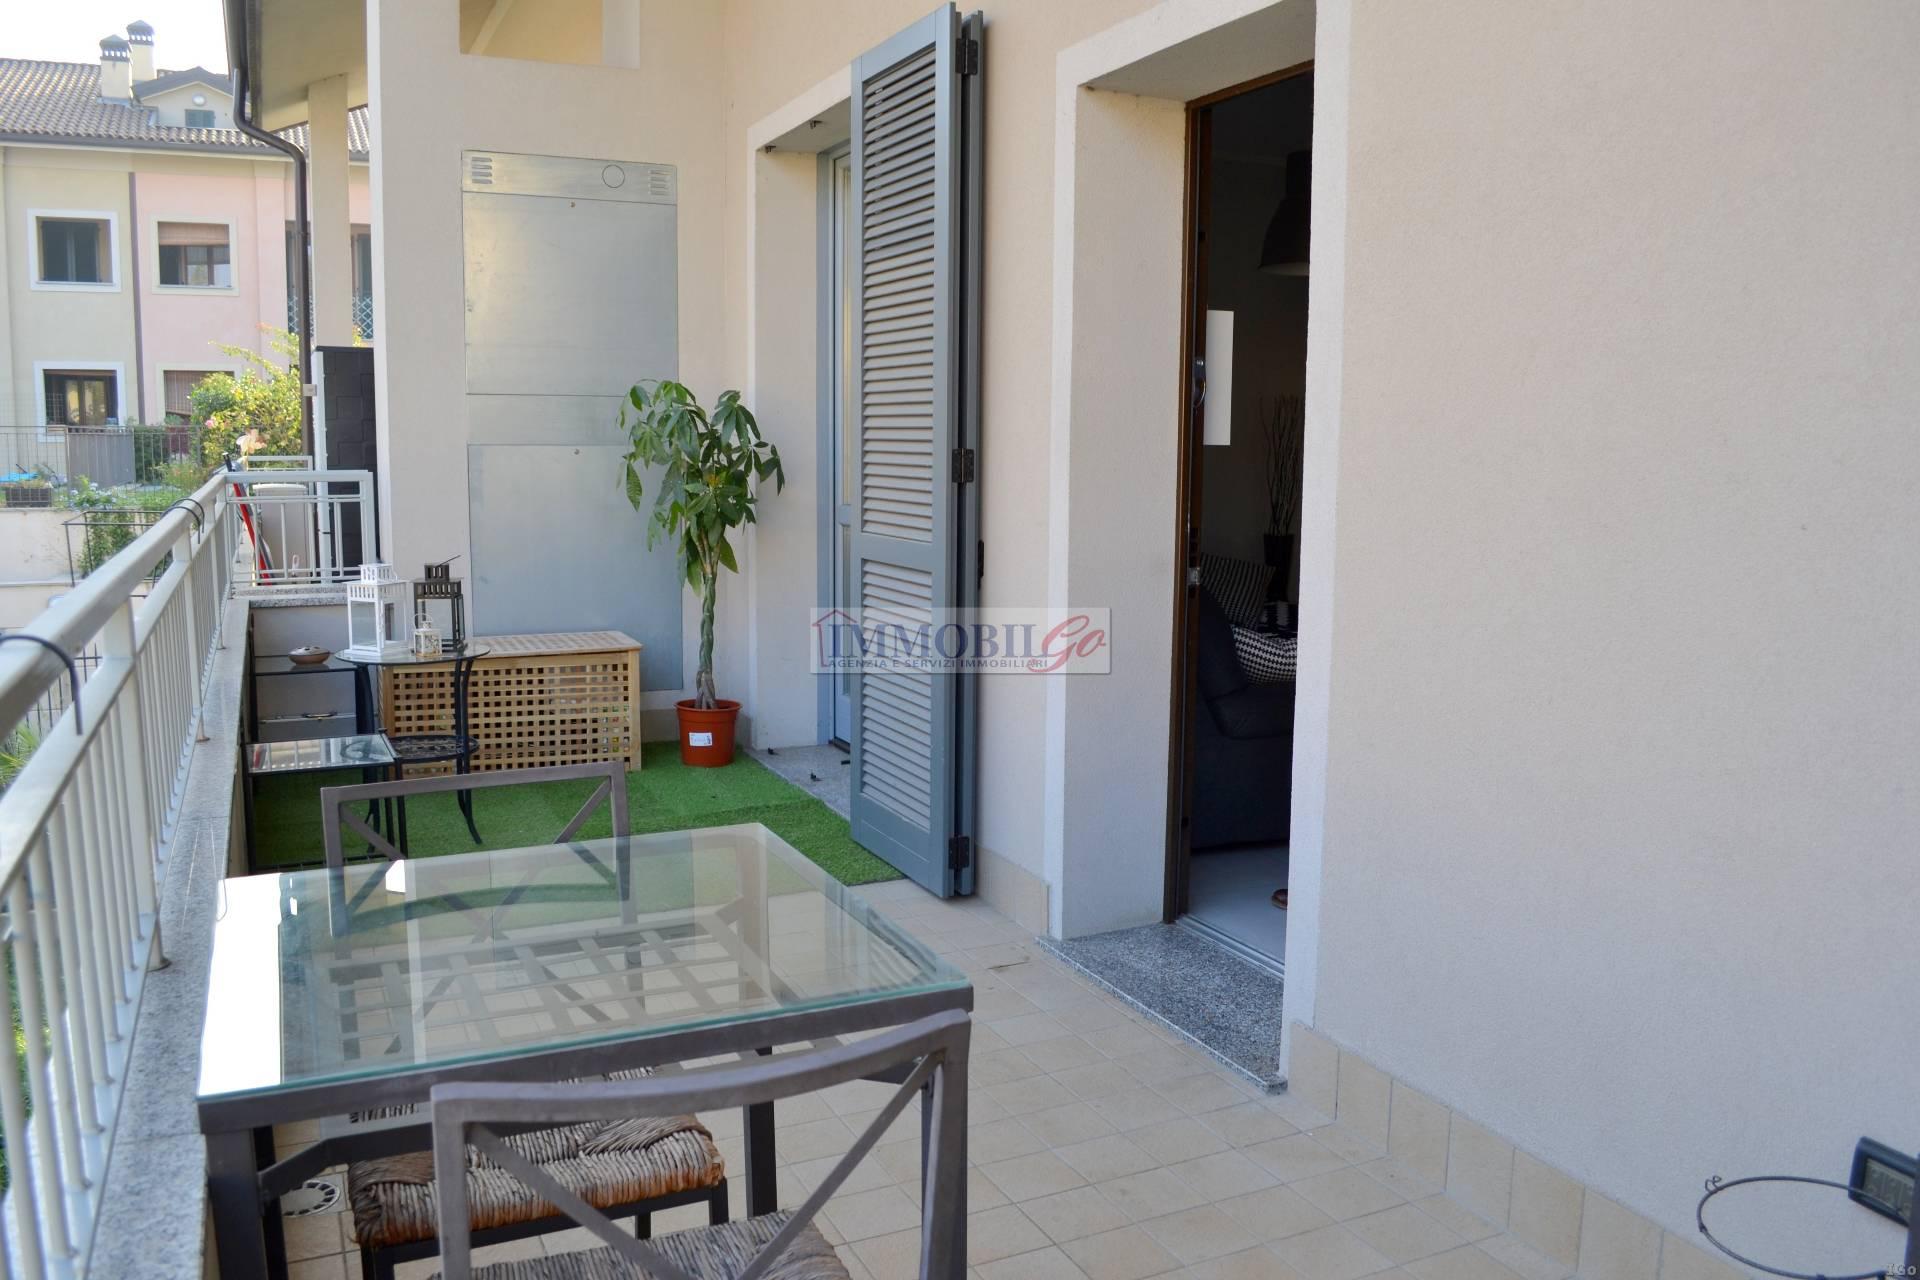 Appartamento in vendita a Vaprio d'Adda, 3 locali, prezzo € 169.000 | PortaleAgenzieImmobiliari.it